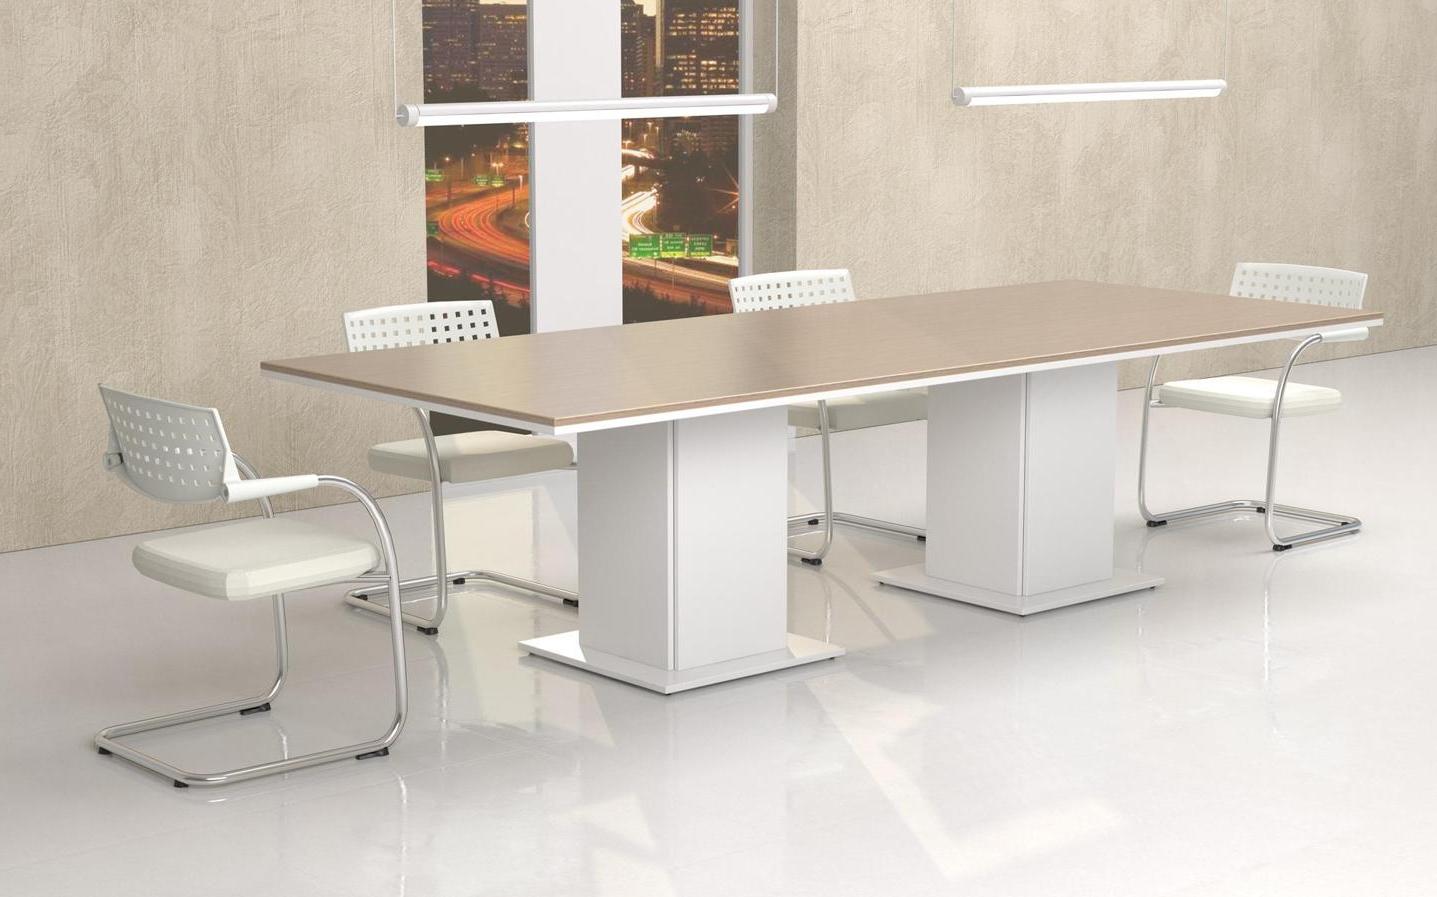 Mobiliario Oficina 3id6 Mobiliario De Oficina En MÃ Laga Muebles De Oficina Online